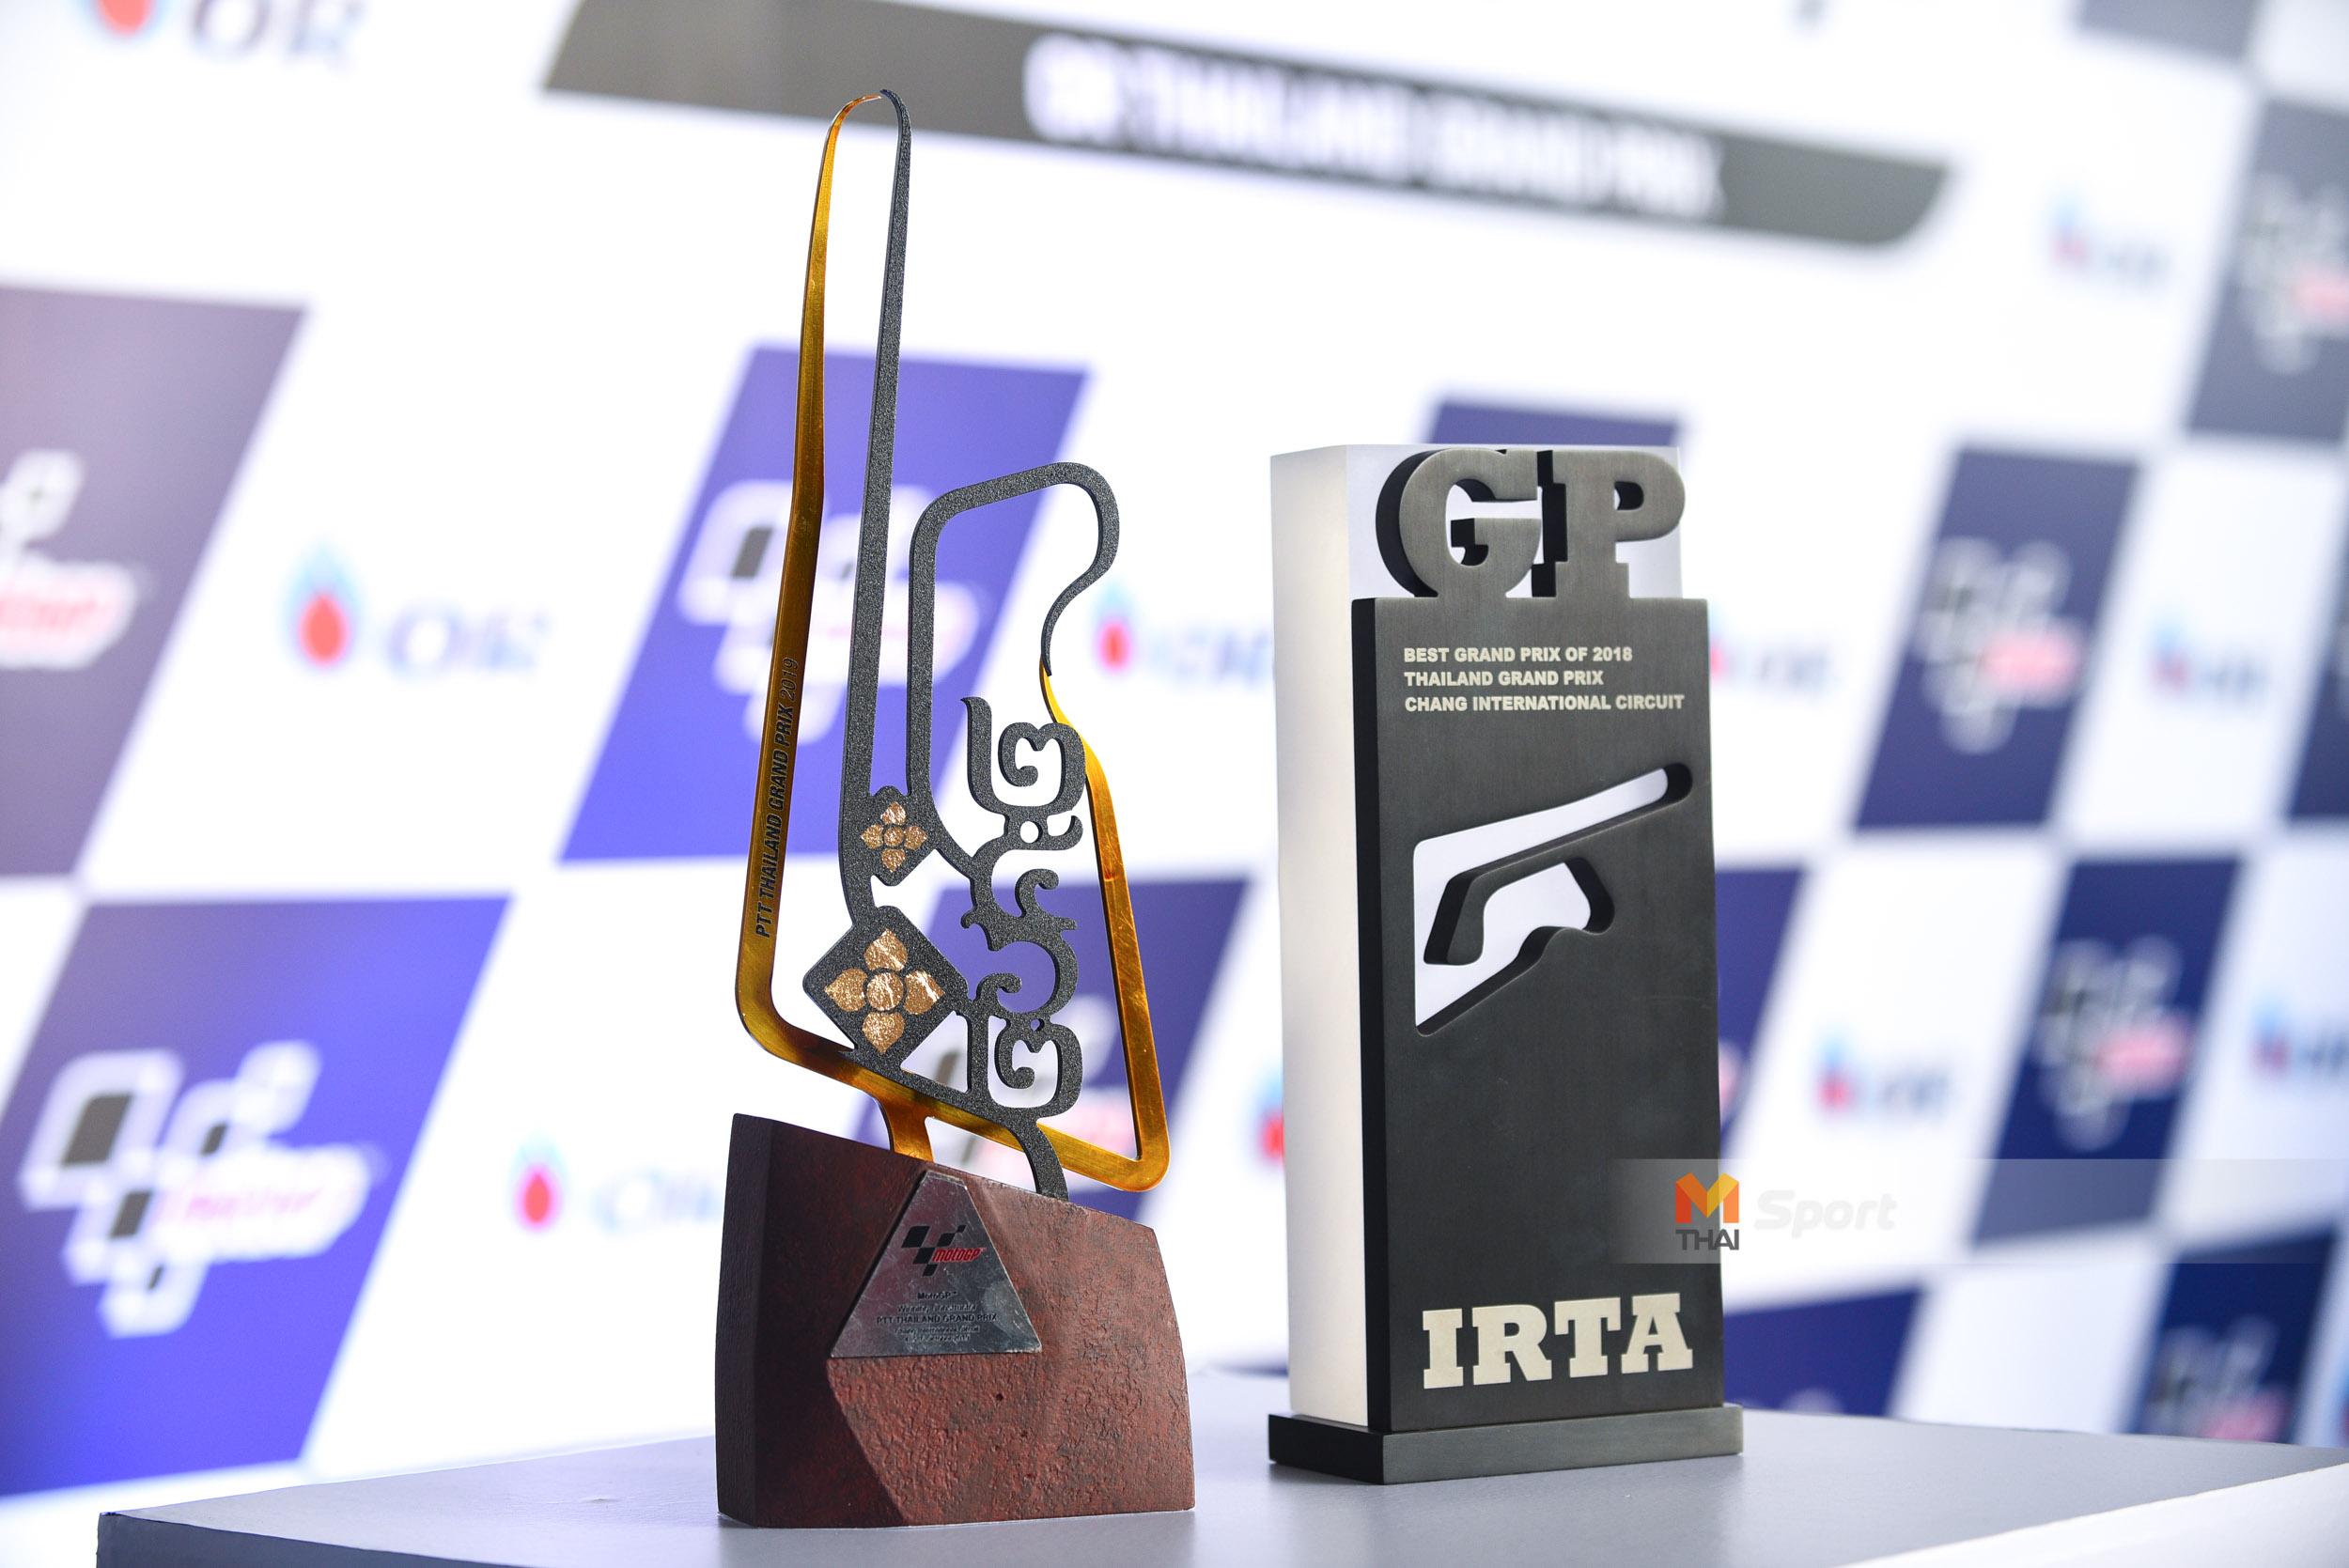 การแข่งขันรถยนต์ทางเรียบ โมโตจีพี โออาร์ ไทยแลนด์ กรังด์ปรีซ์ 2020